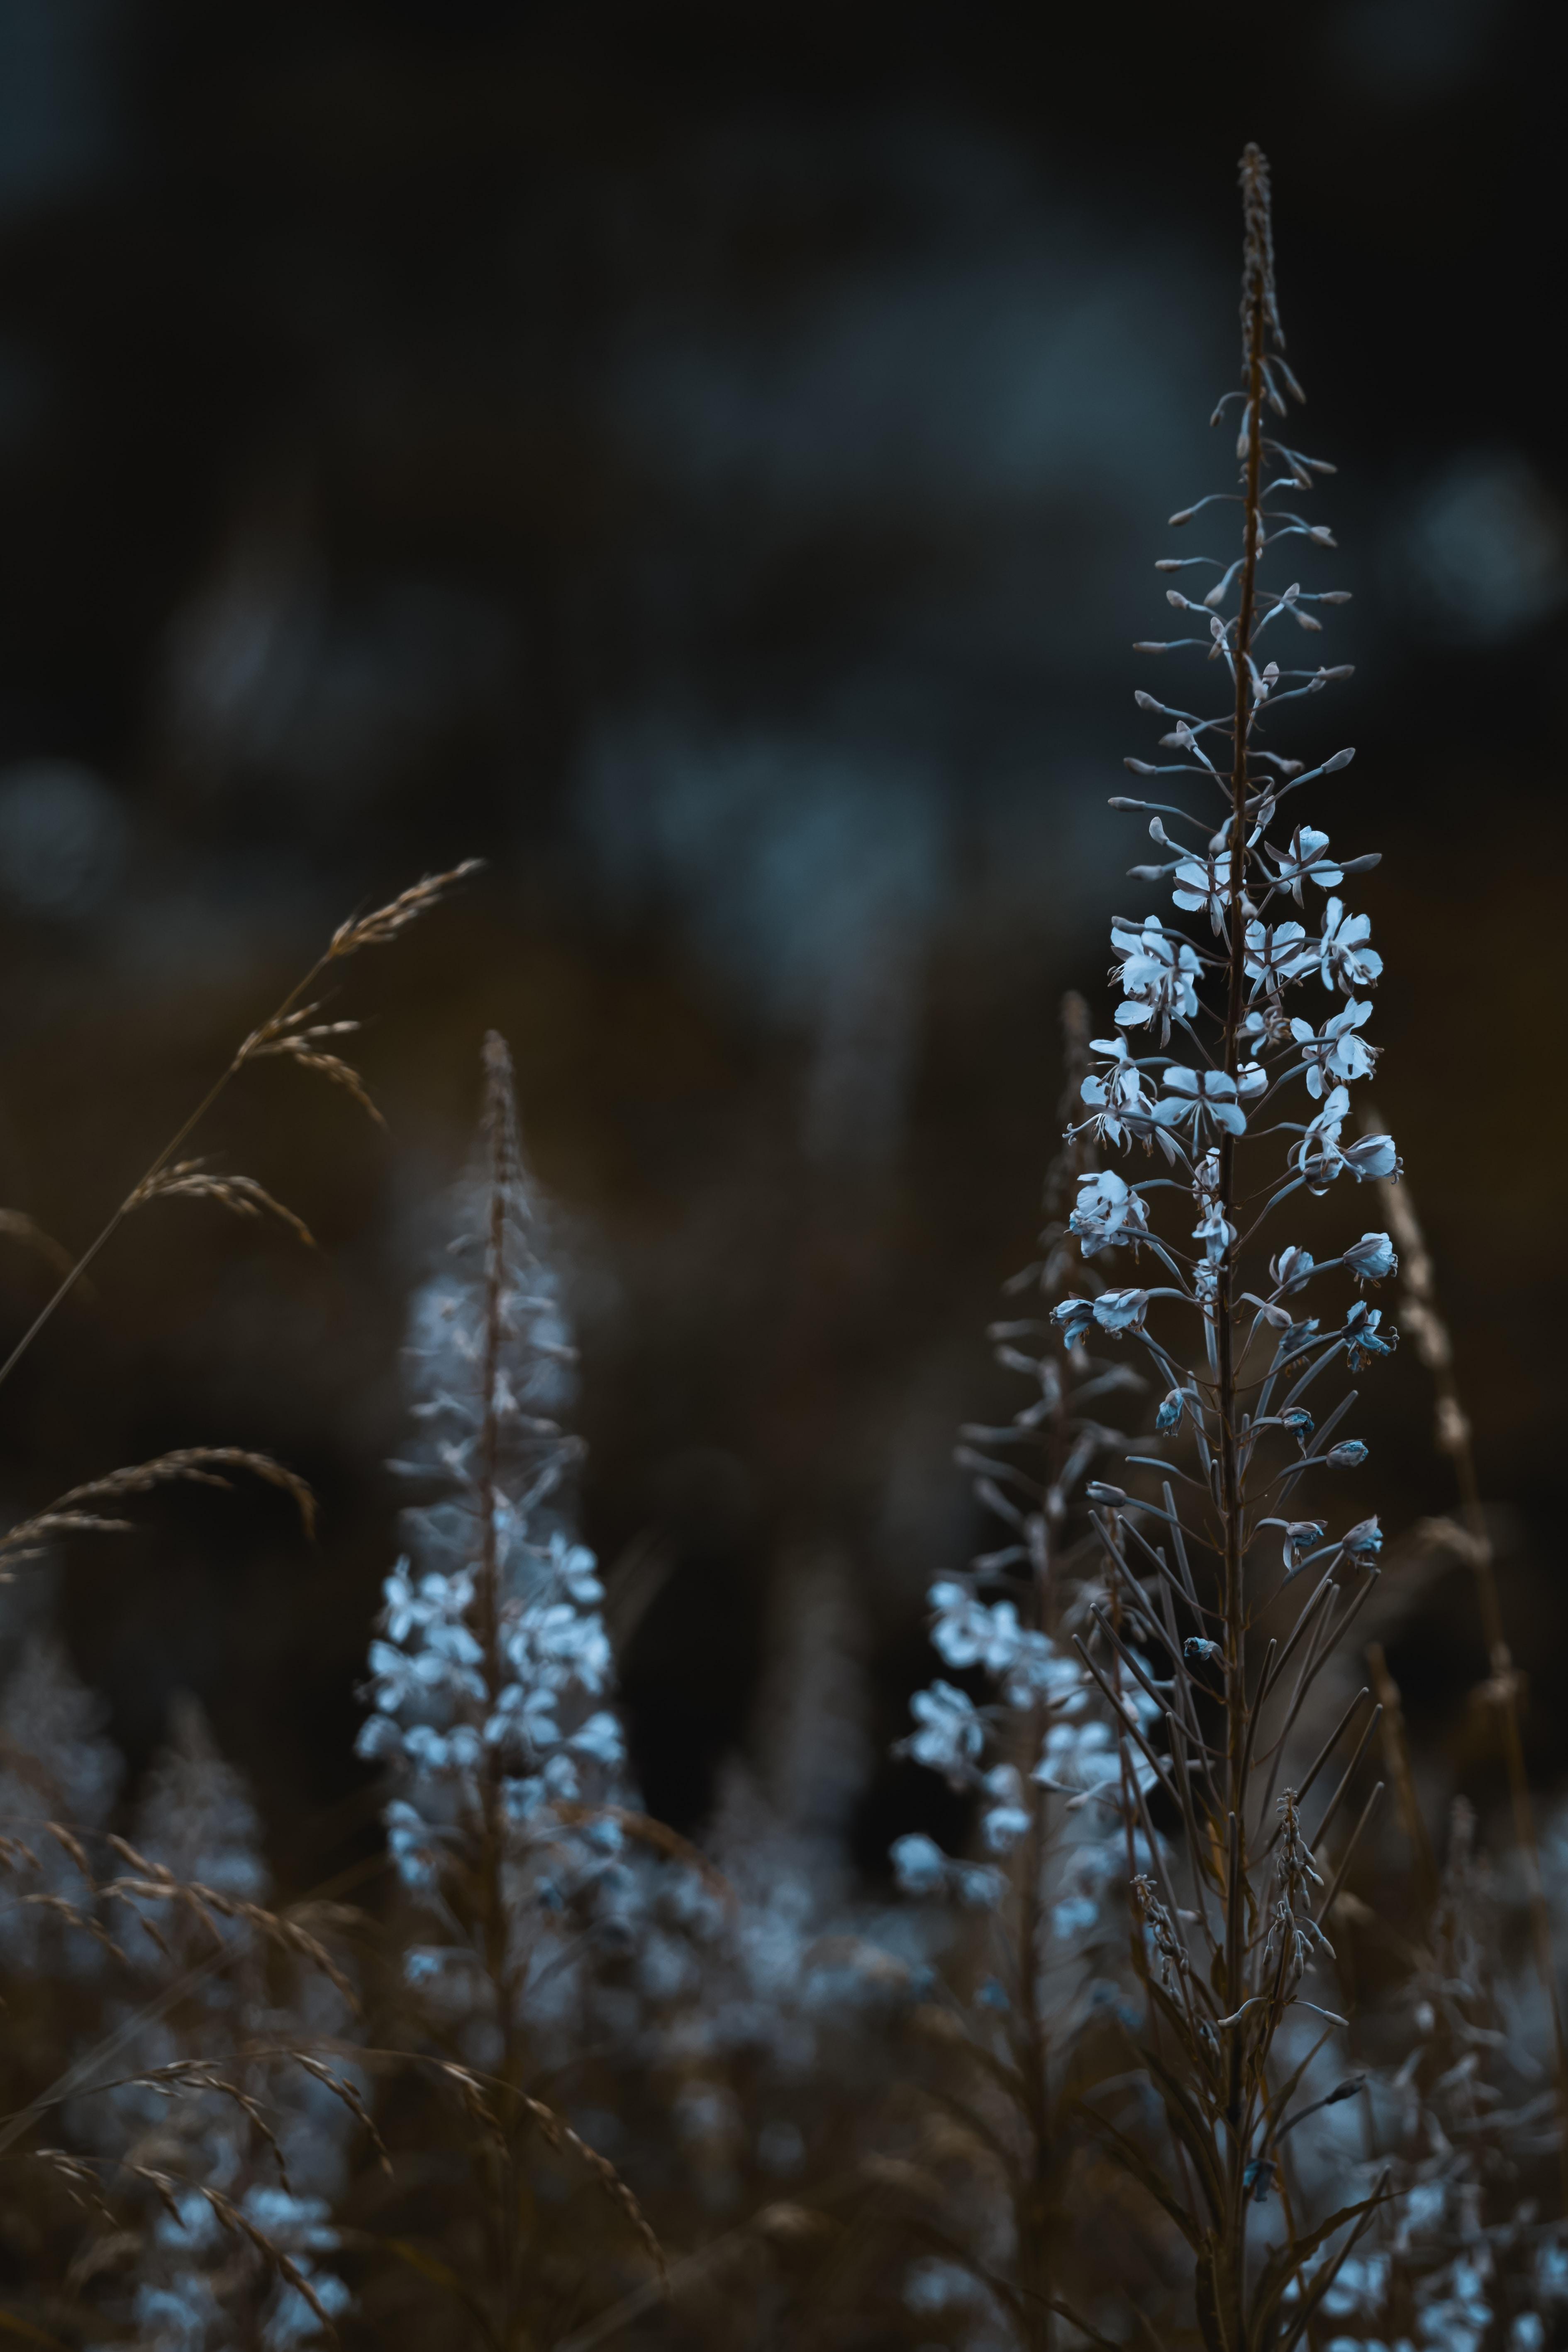 152393 скачать обои Макро, Голубой, Растения, Цветение, Дикий, Цветы - заставки и картинки бесплатно